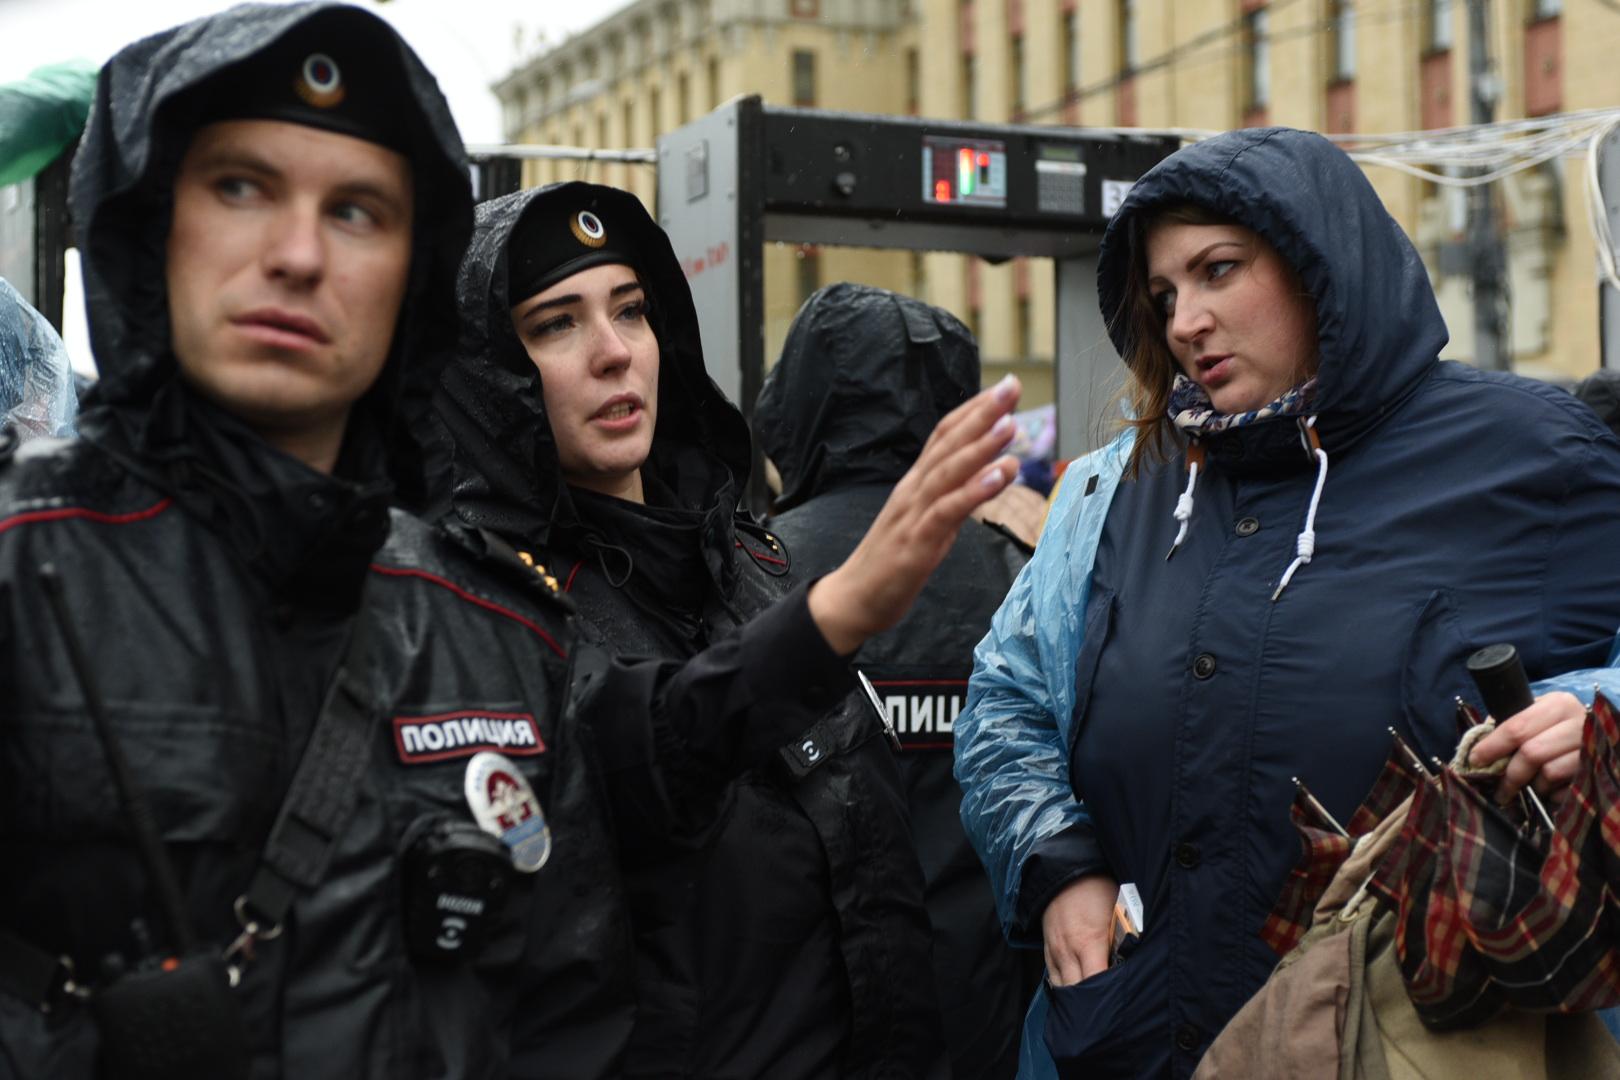 МВД: Привлечь за призывы участвовать в незаконных мероприятиях можно до их проведения